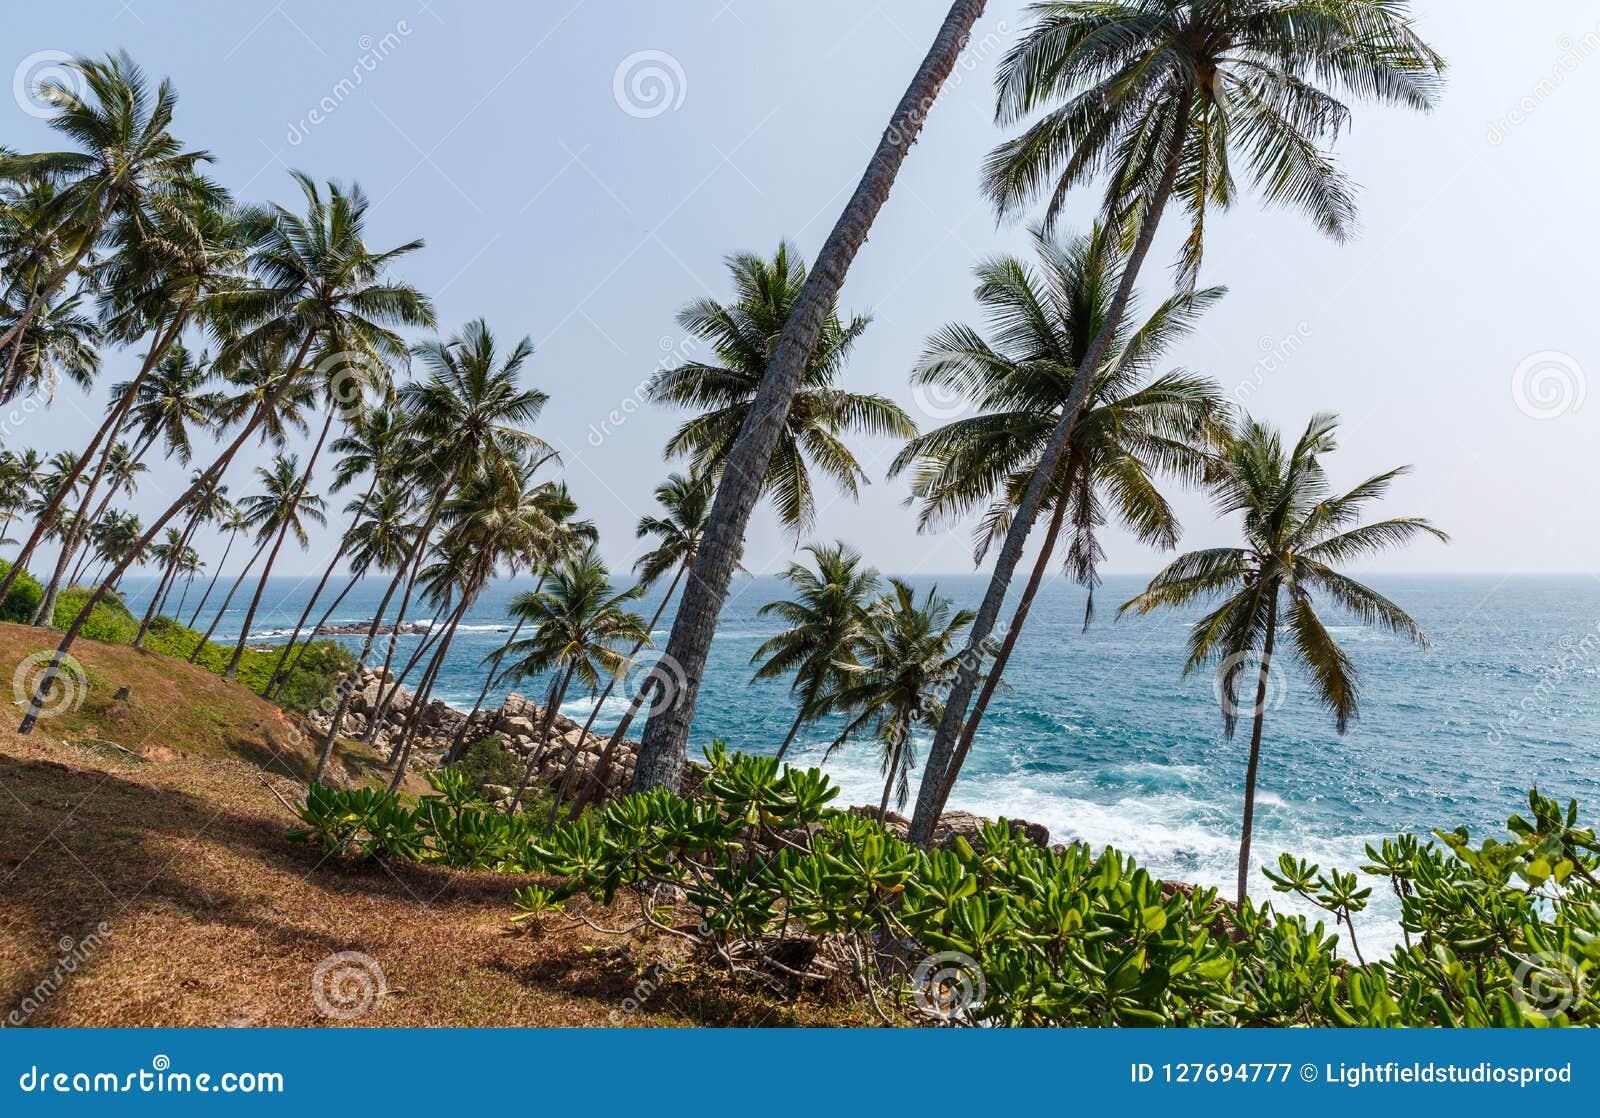 красивый сценарный взгляд береговой линии с пальмами, Шри-Ланка, mirissa